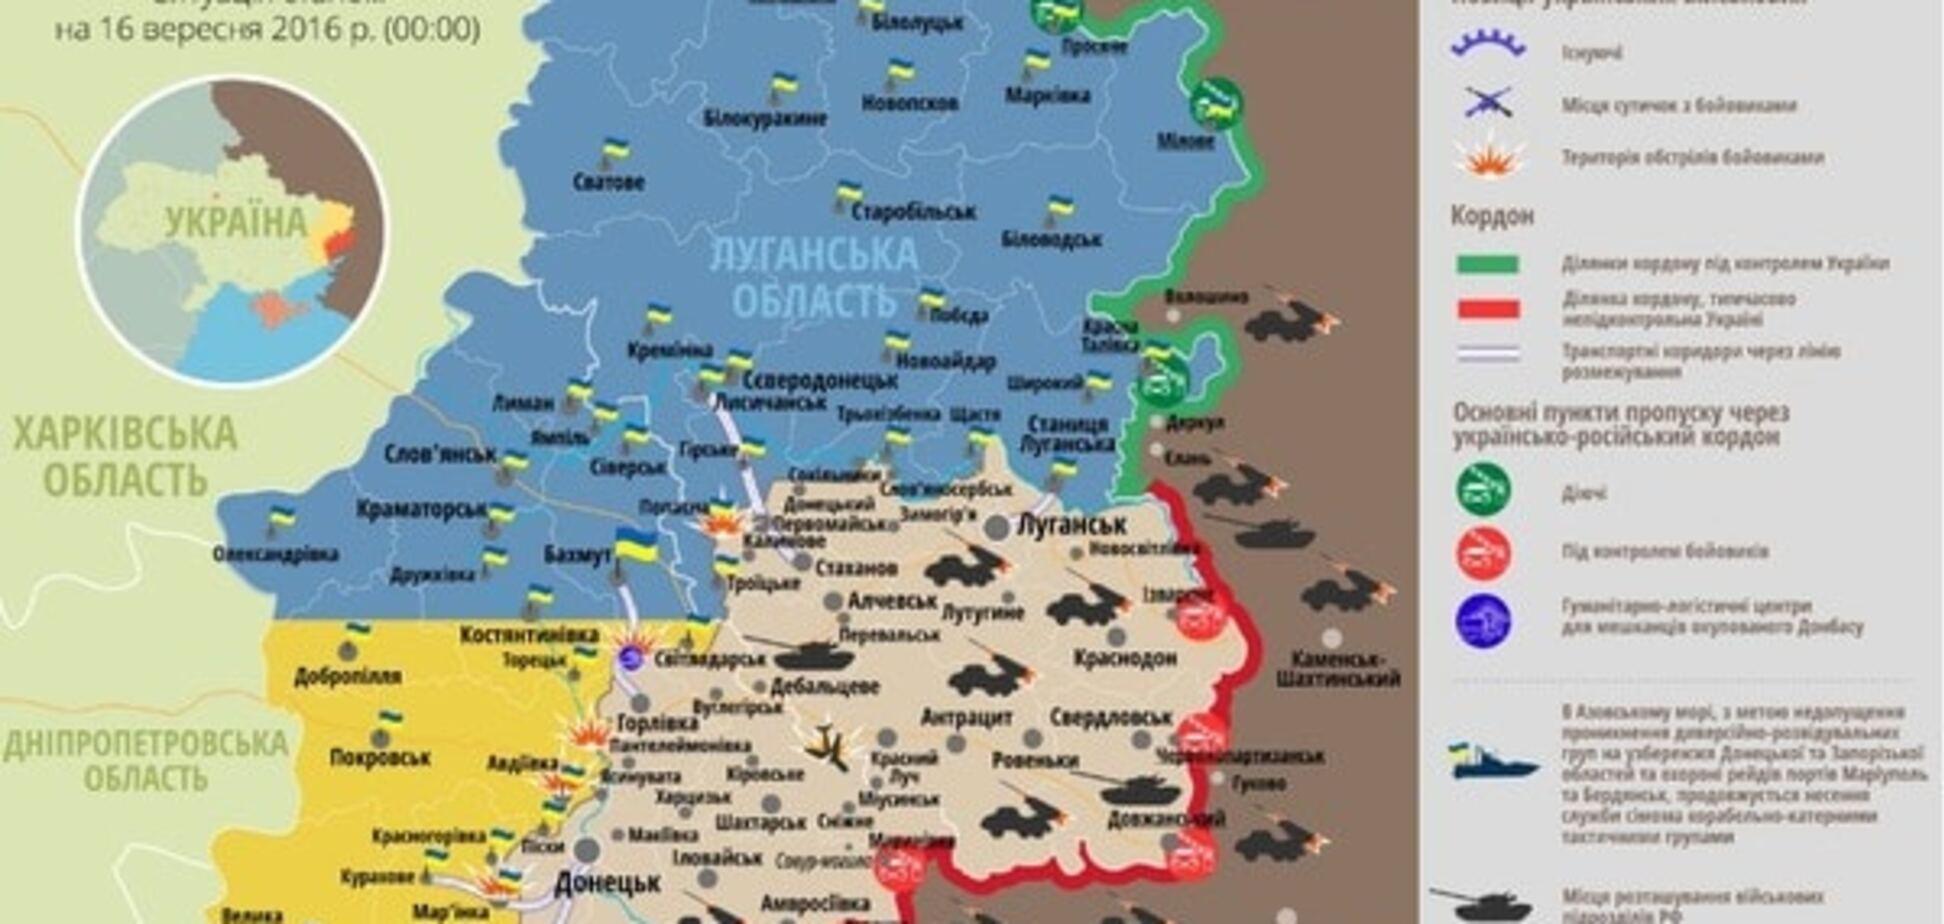 Сутки на Донбассе прошли без жертв в рядах ВСУ: опубликована карта АТО